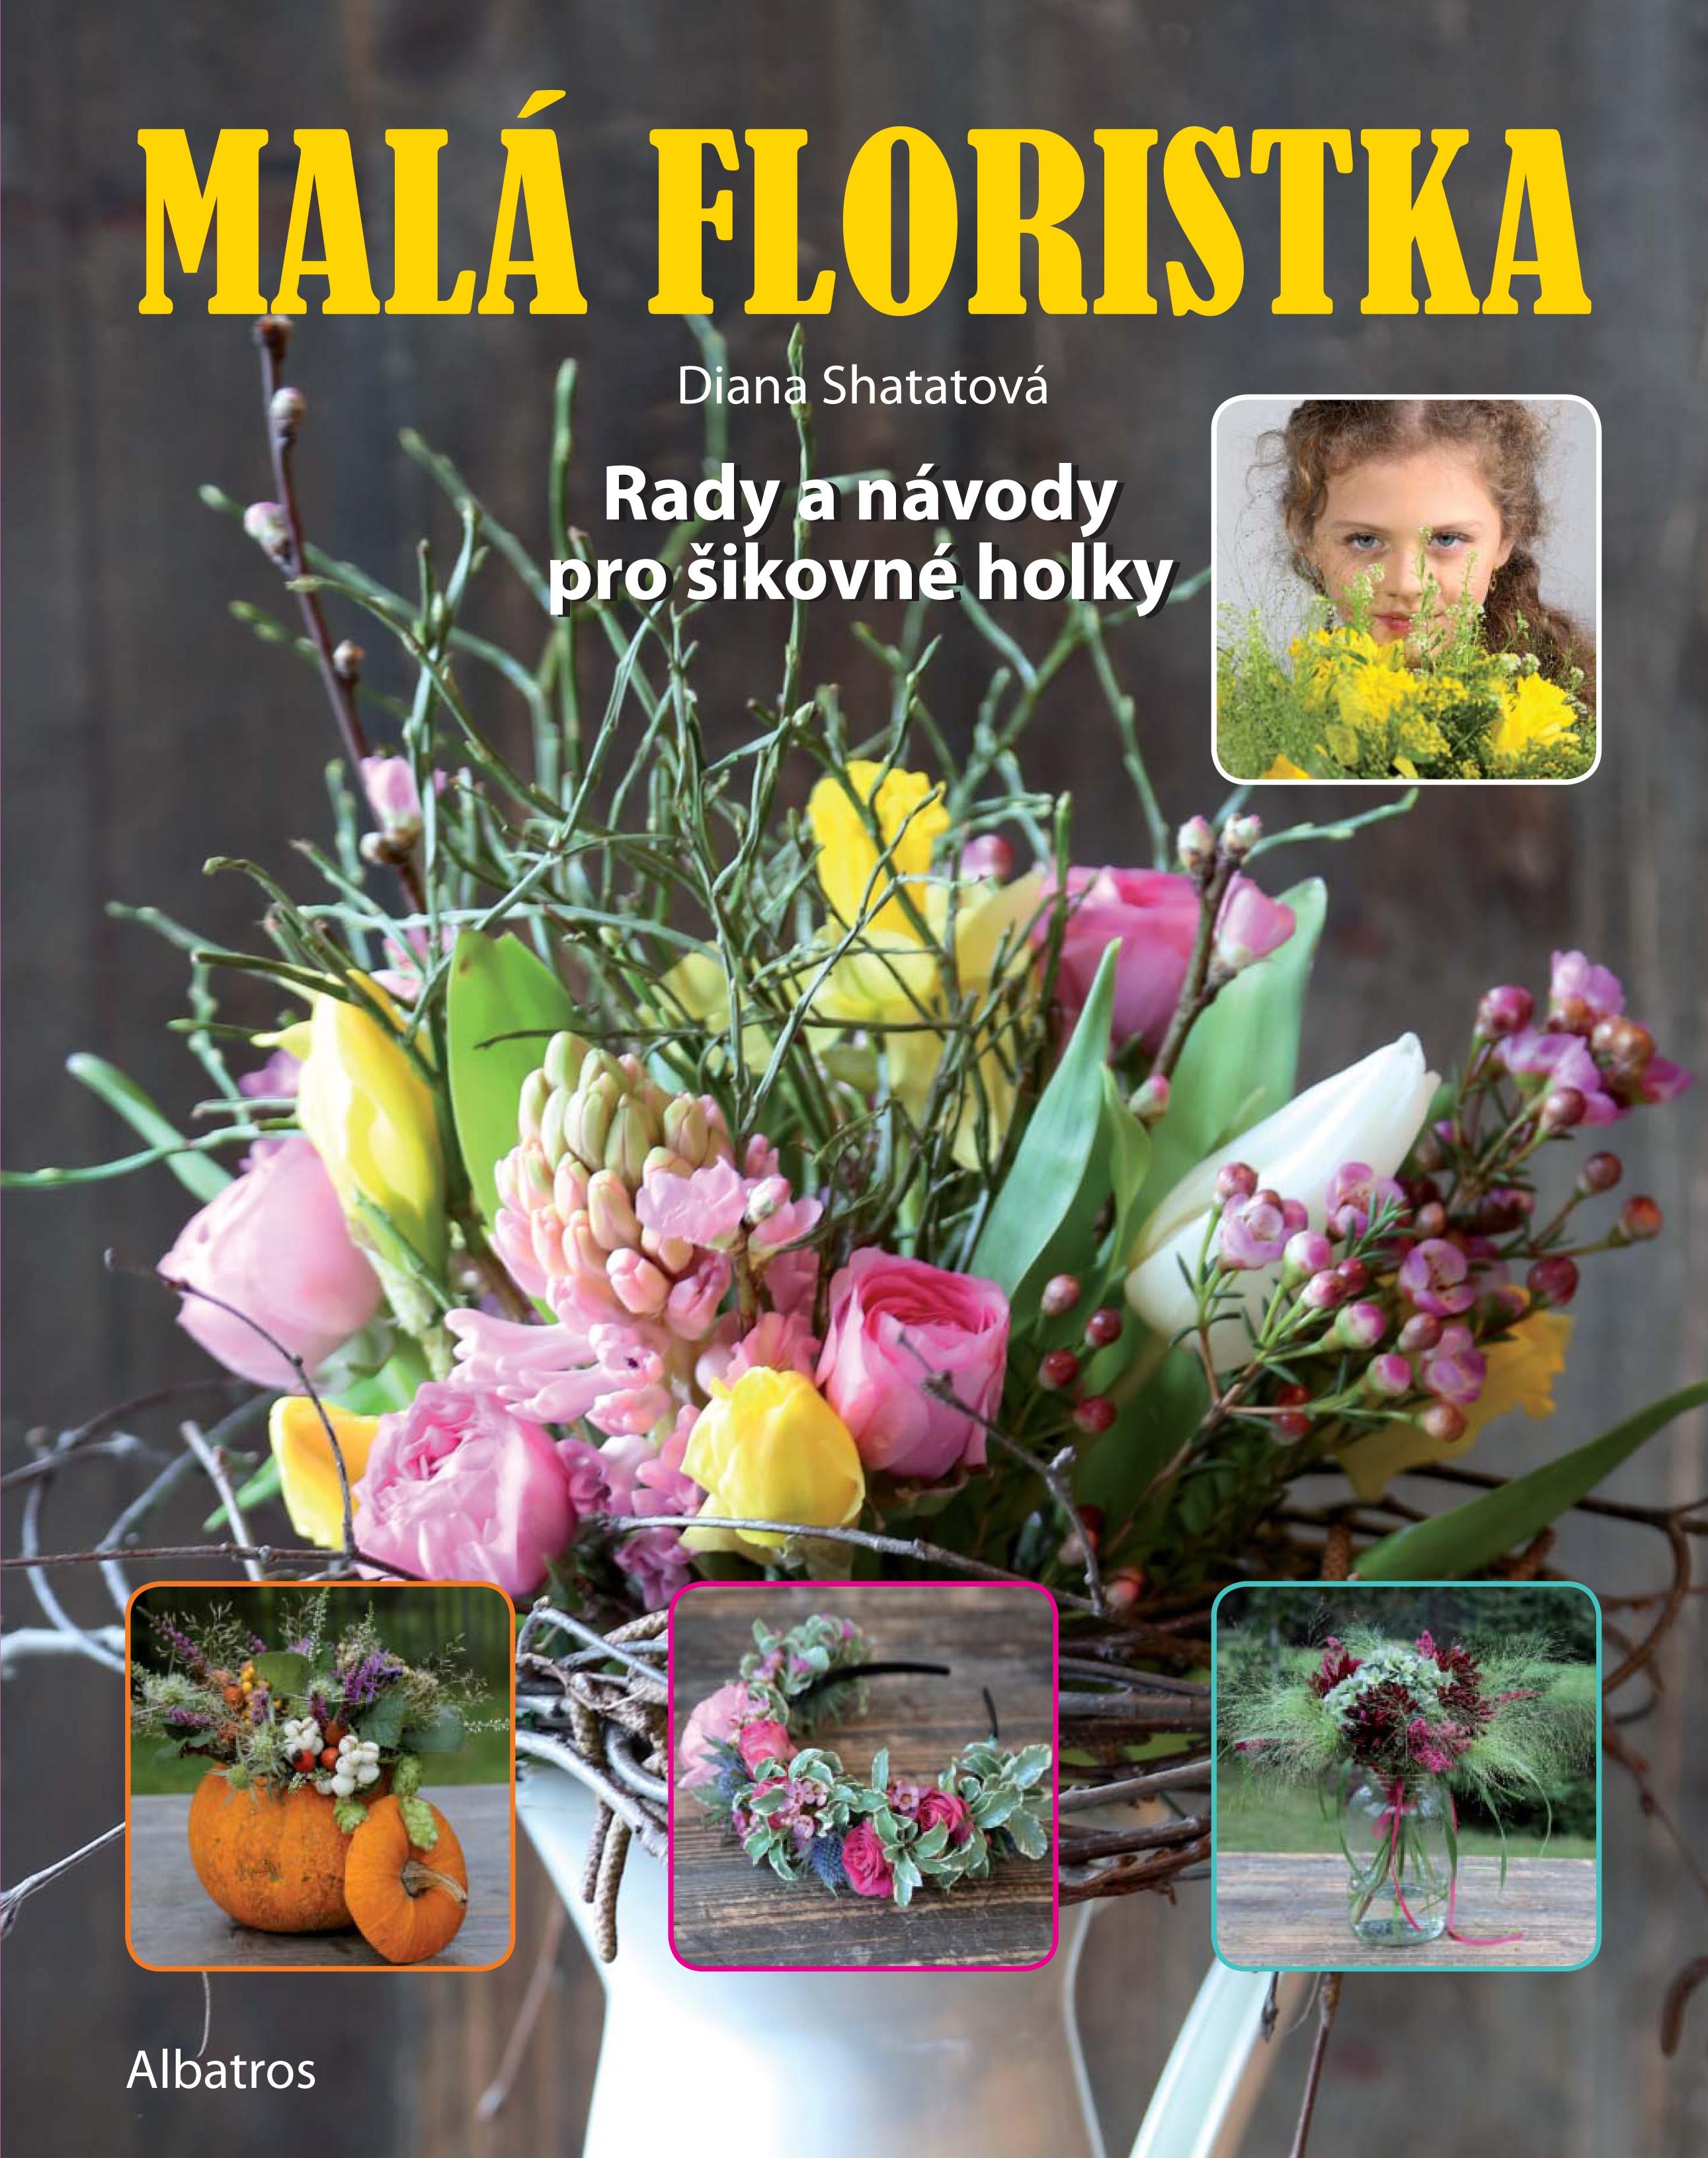 Malá floristka | Diana Shatatová